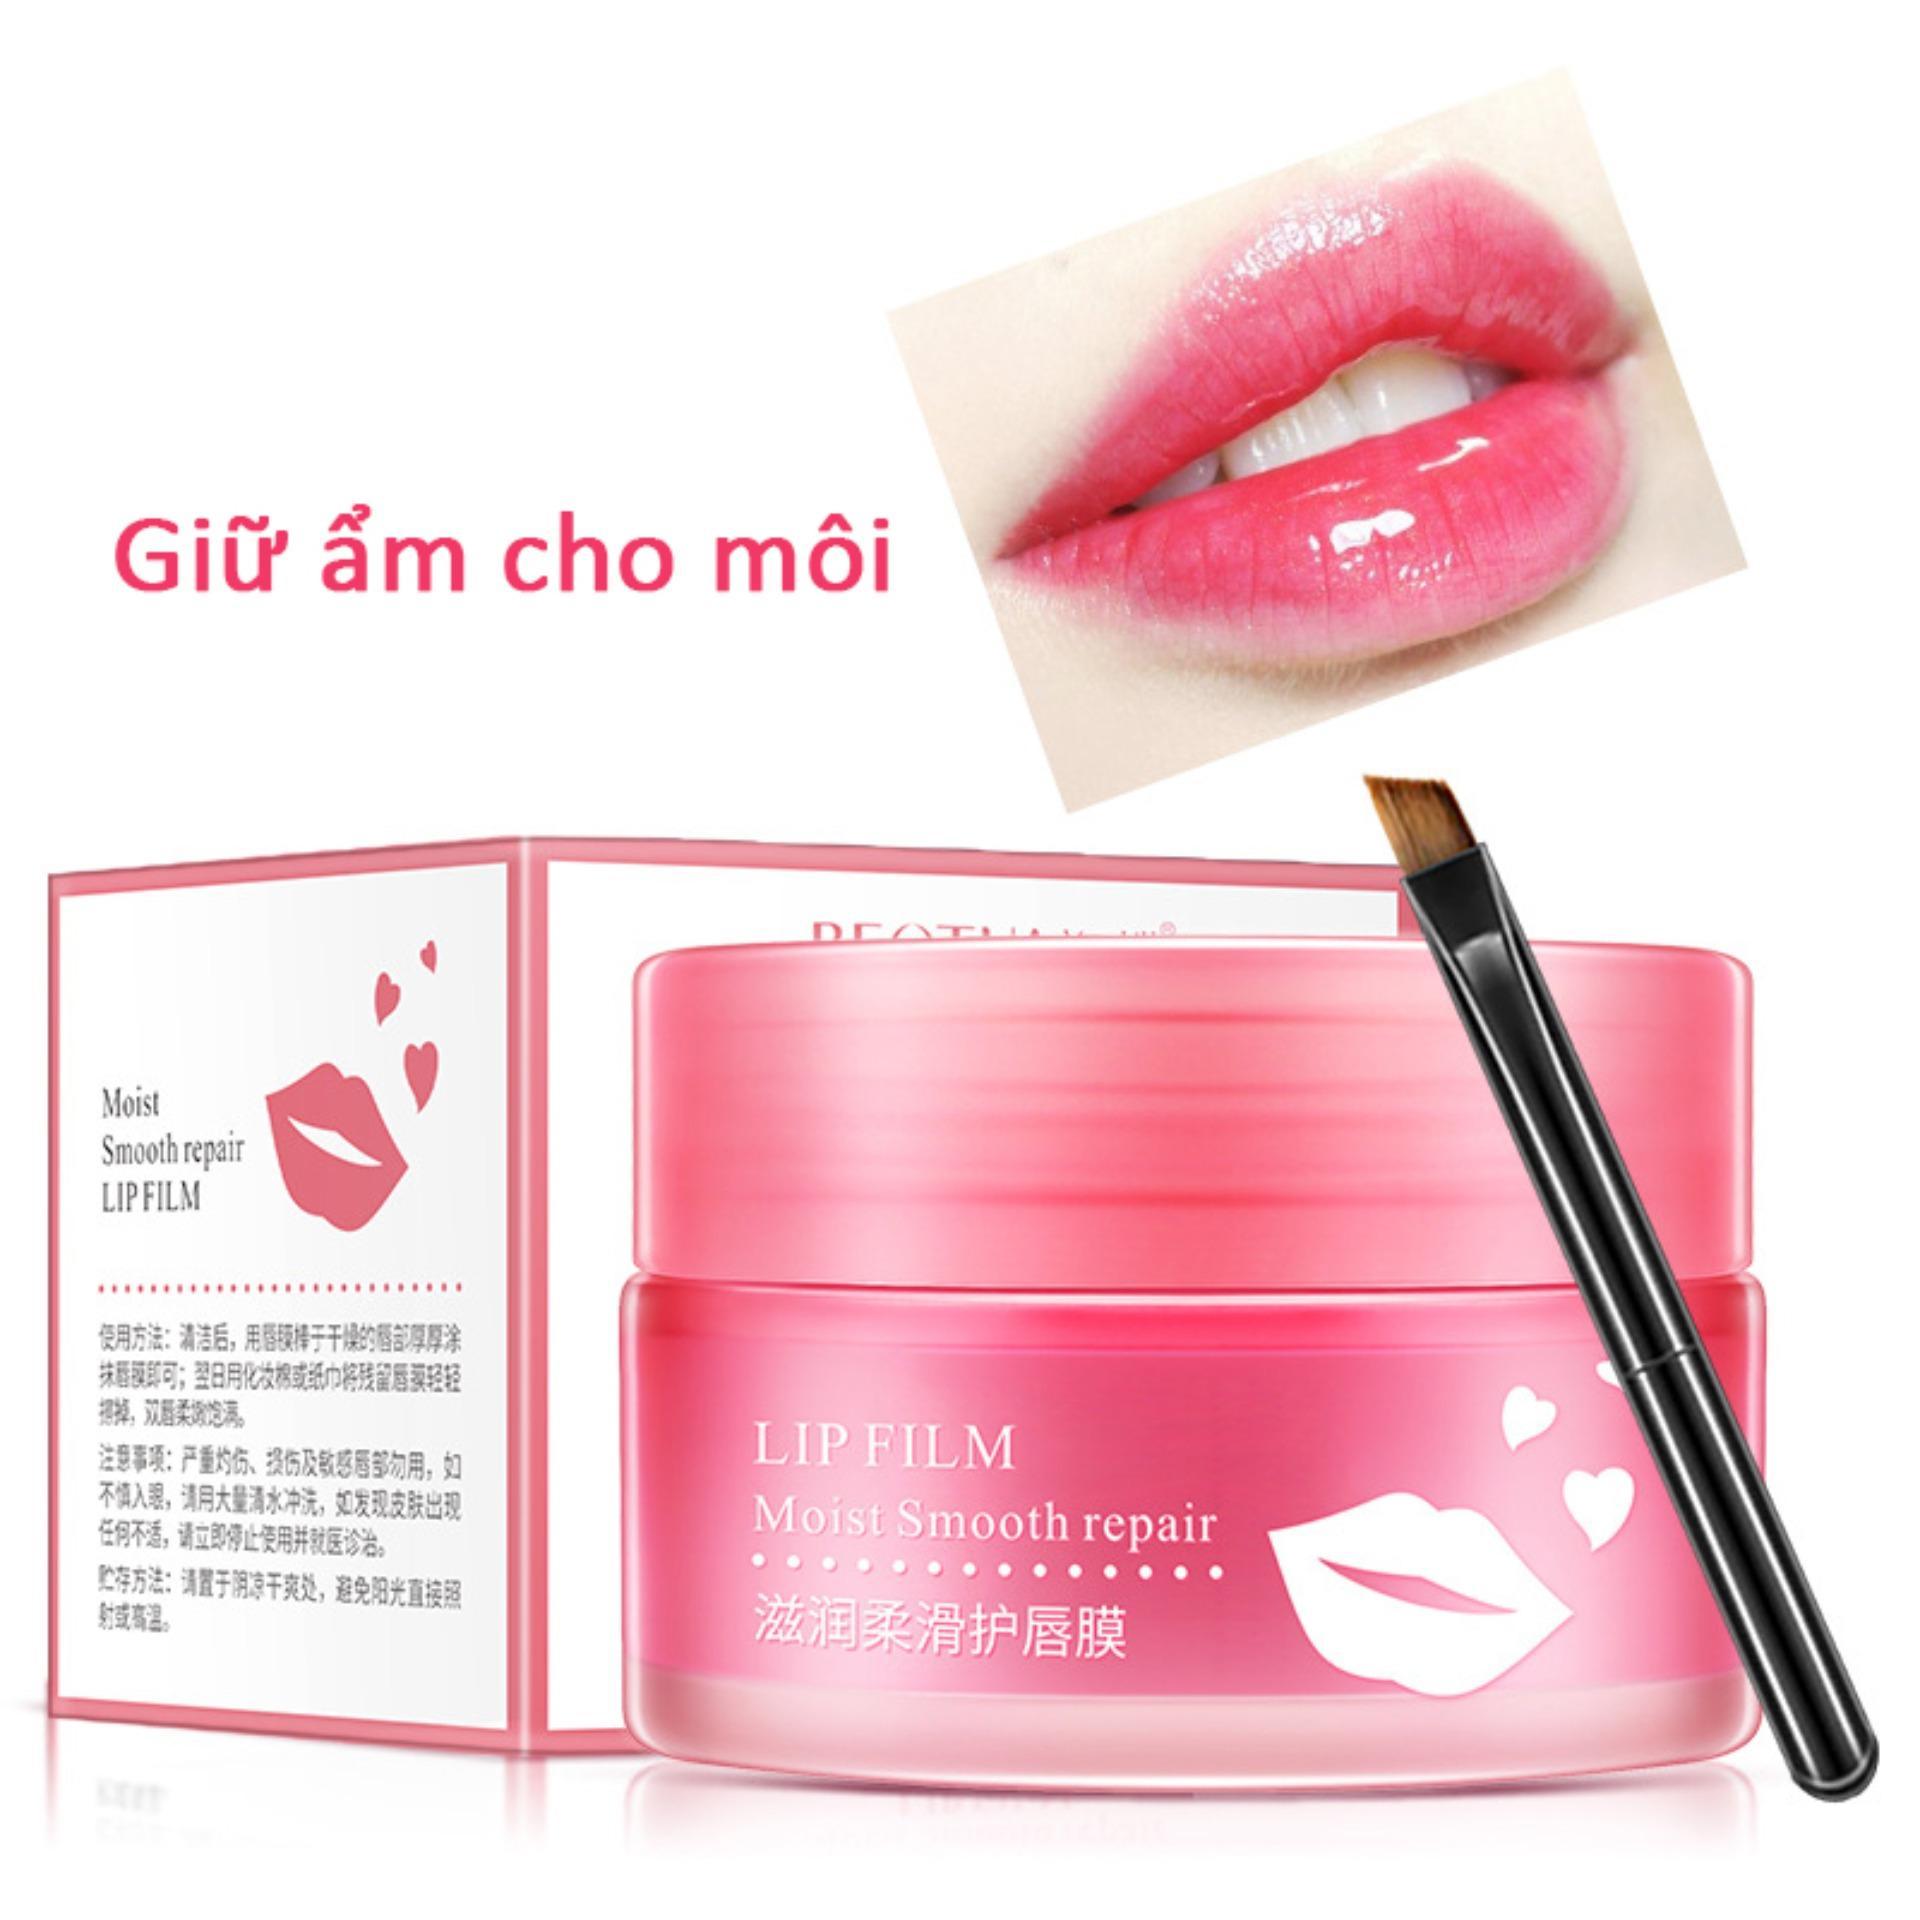 【Urbeauty】 Run Sleep Lip Mask Tẩy tế bào chết dưỡng ẩm Lip Balm Chăm sóc môi Lip Lip tốt nhất